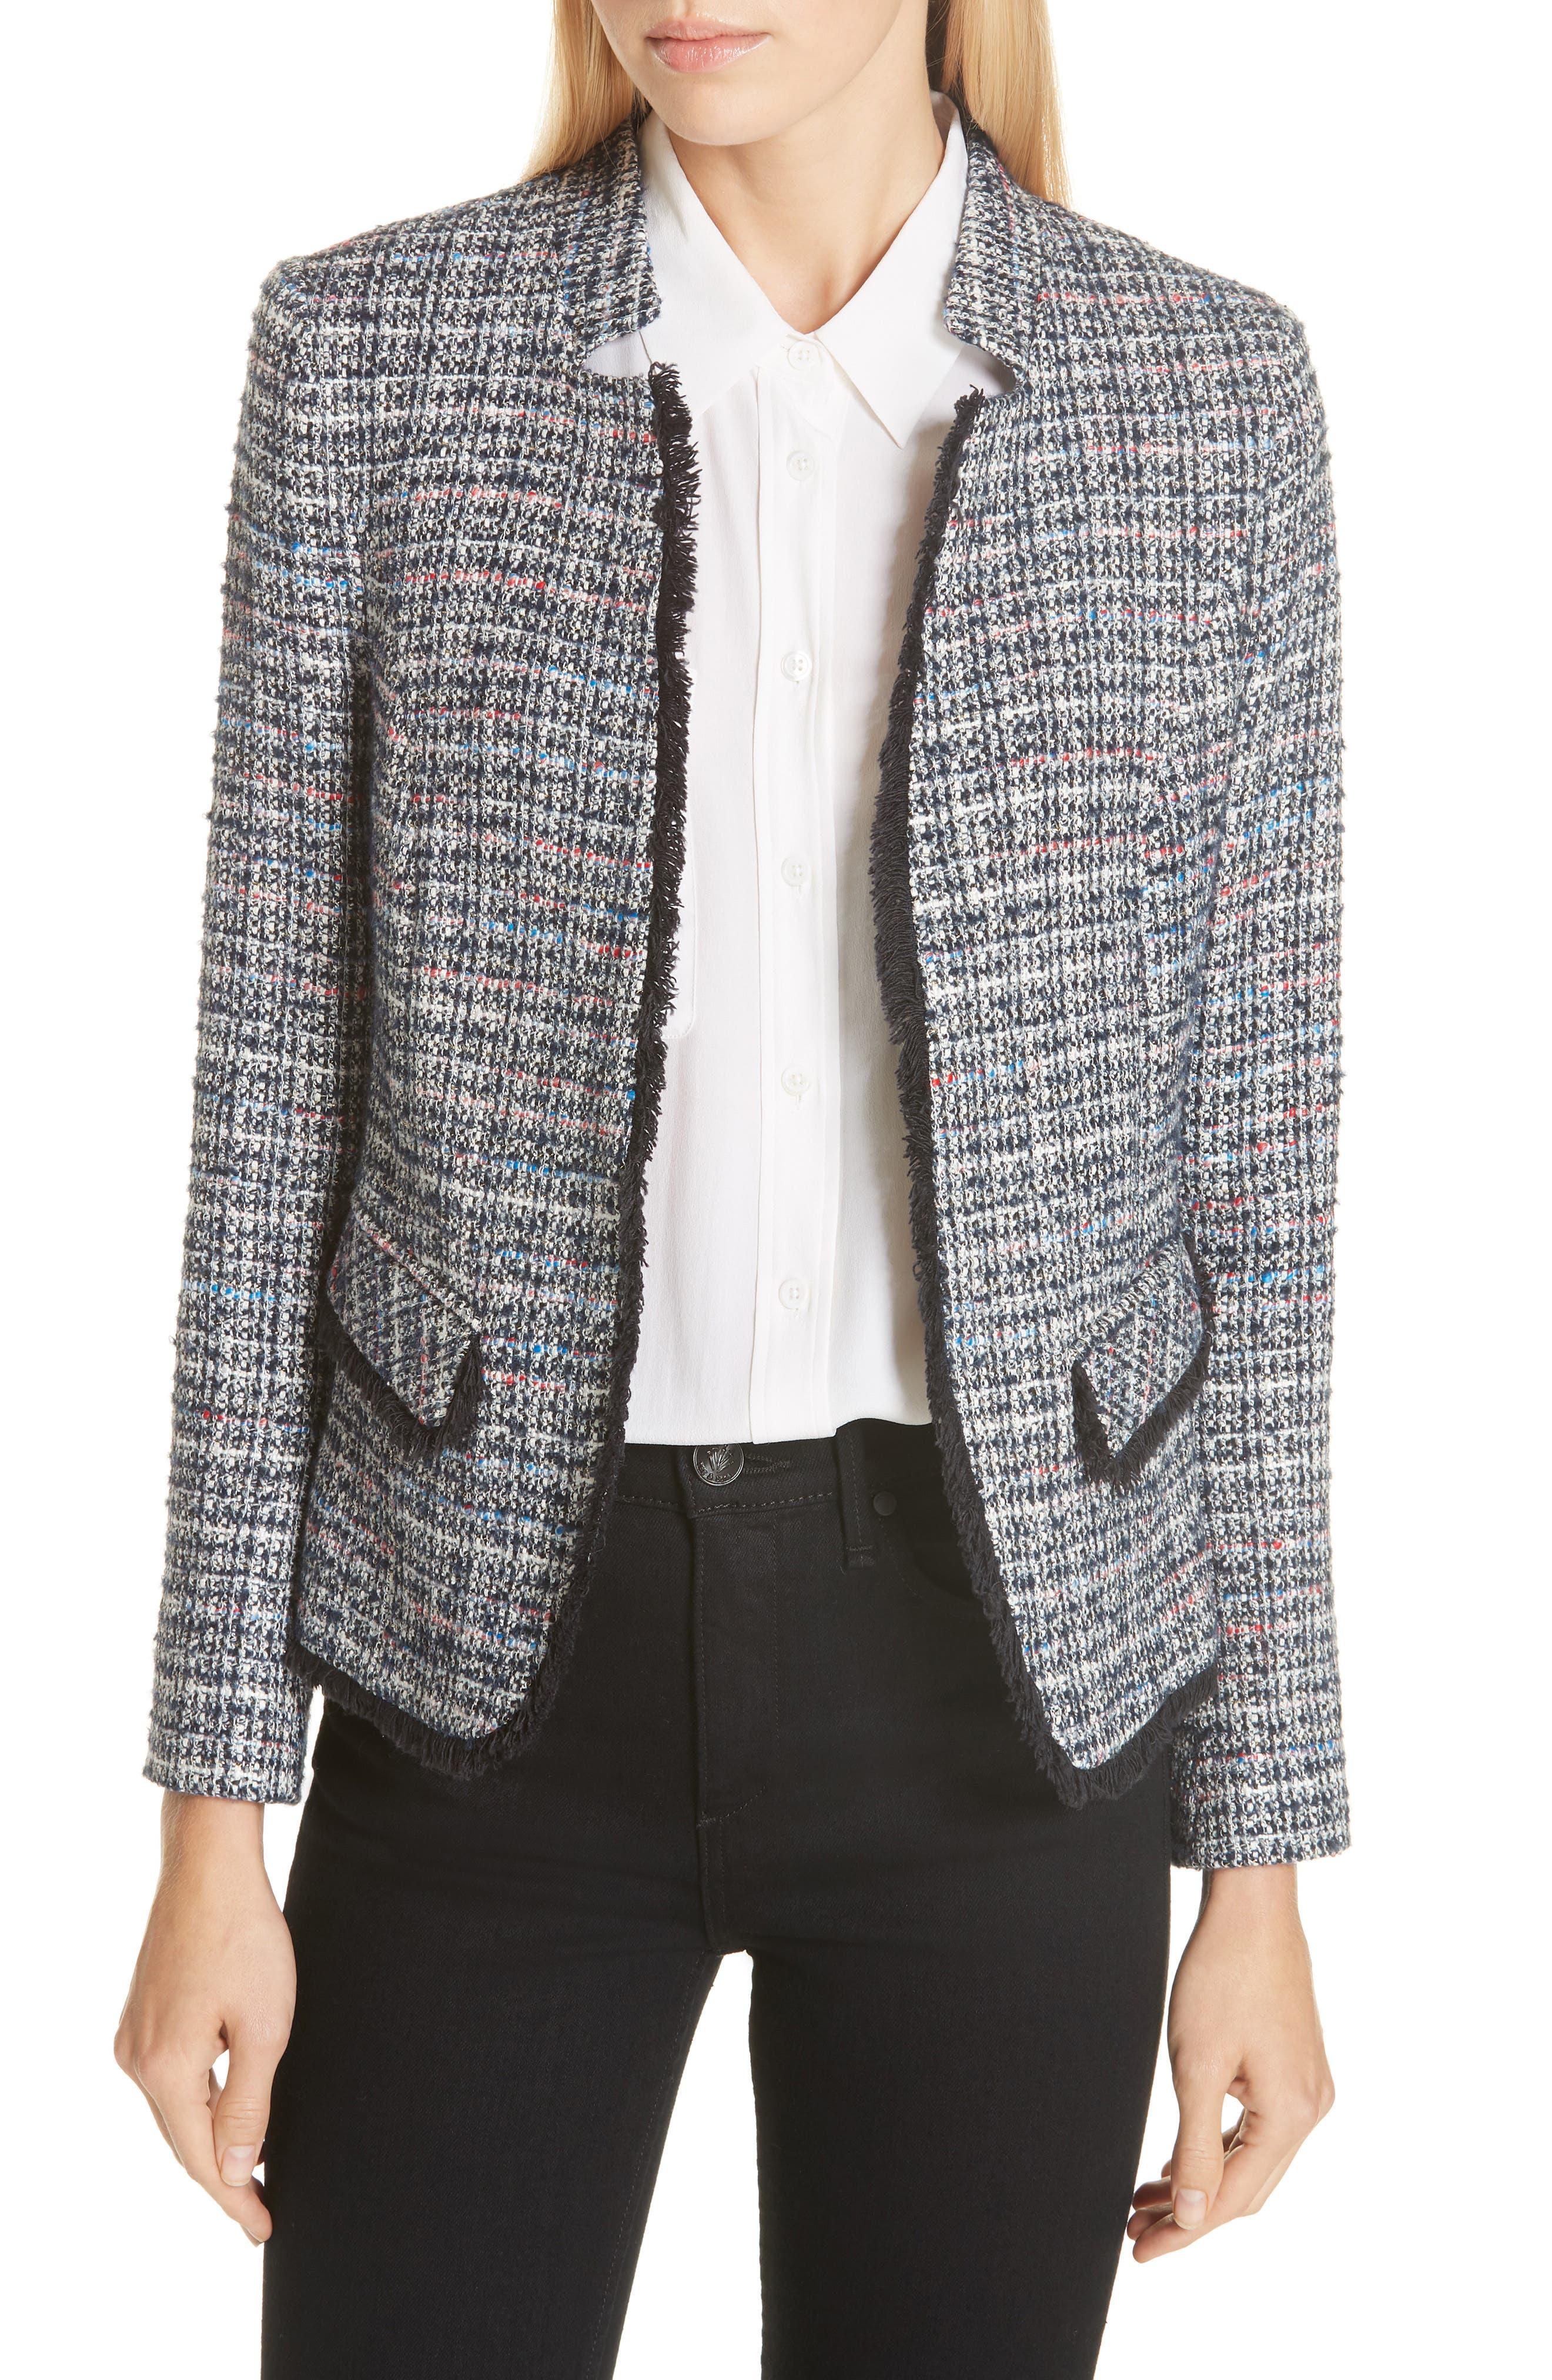 HELENE BERMAN Notch Collar Tweed Jacket in Blue